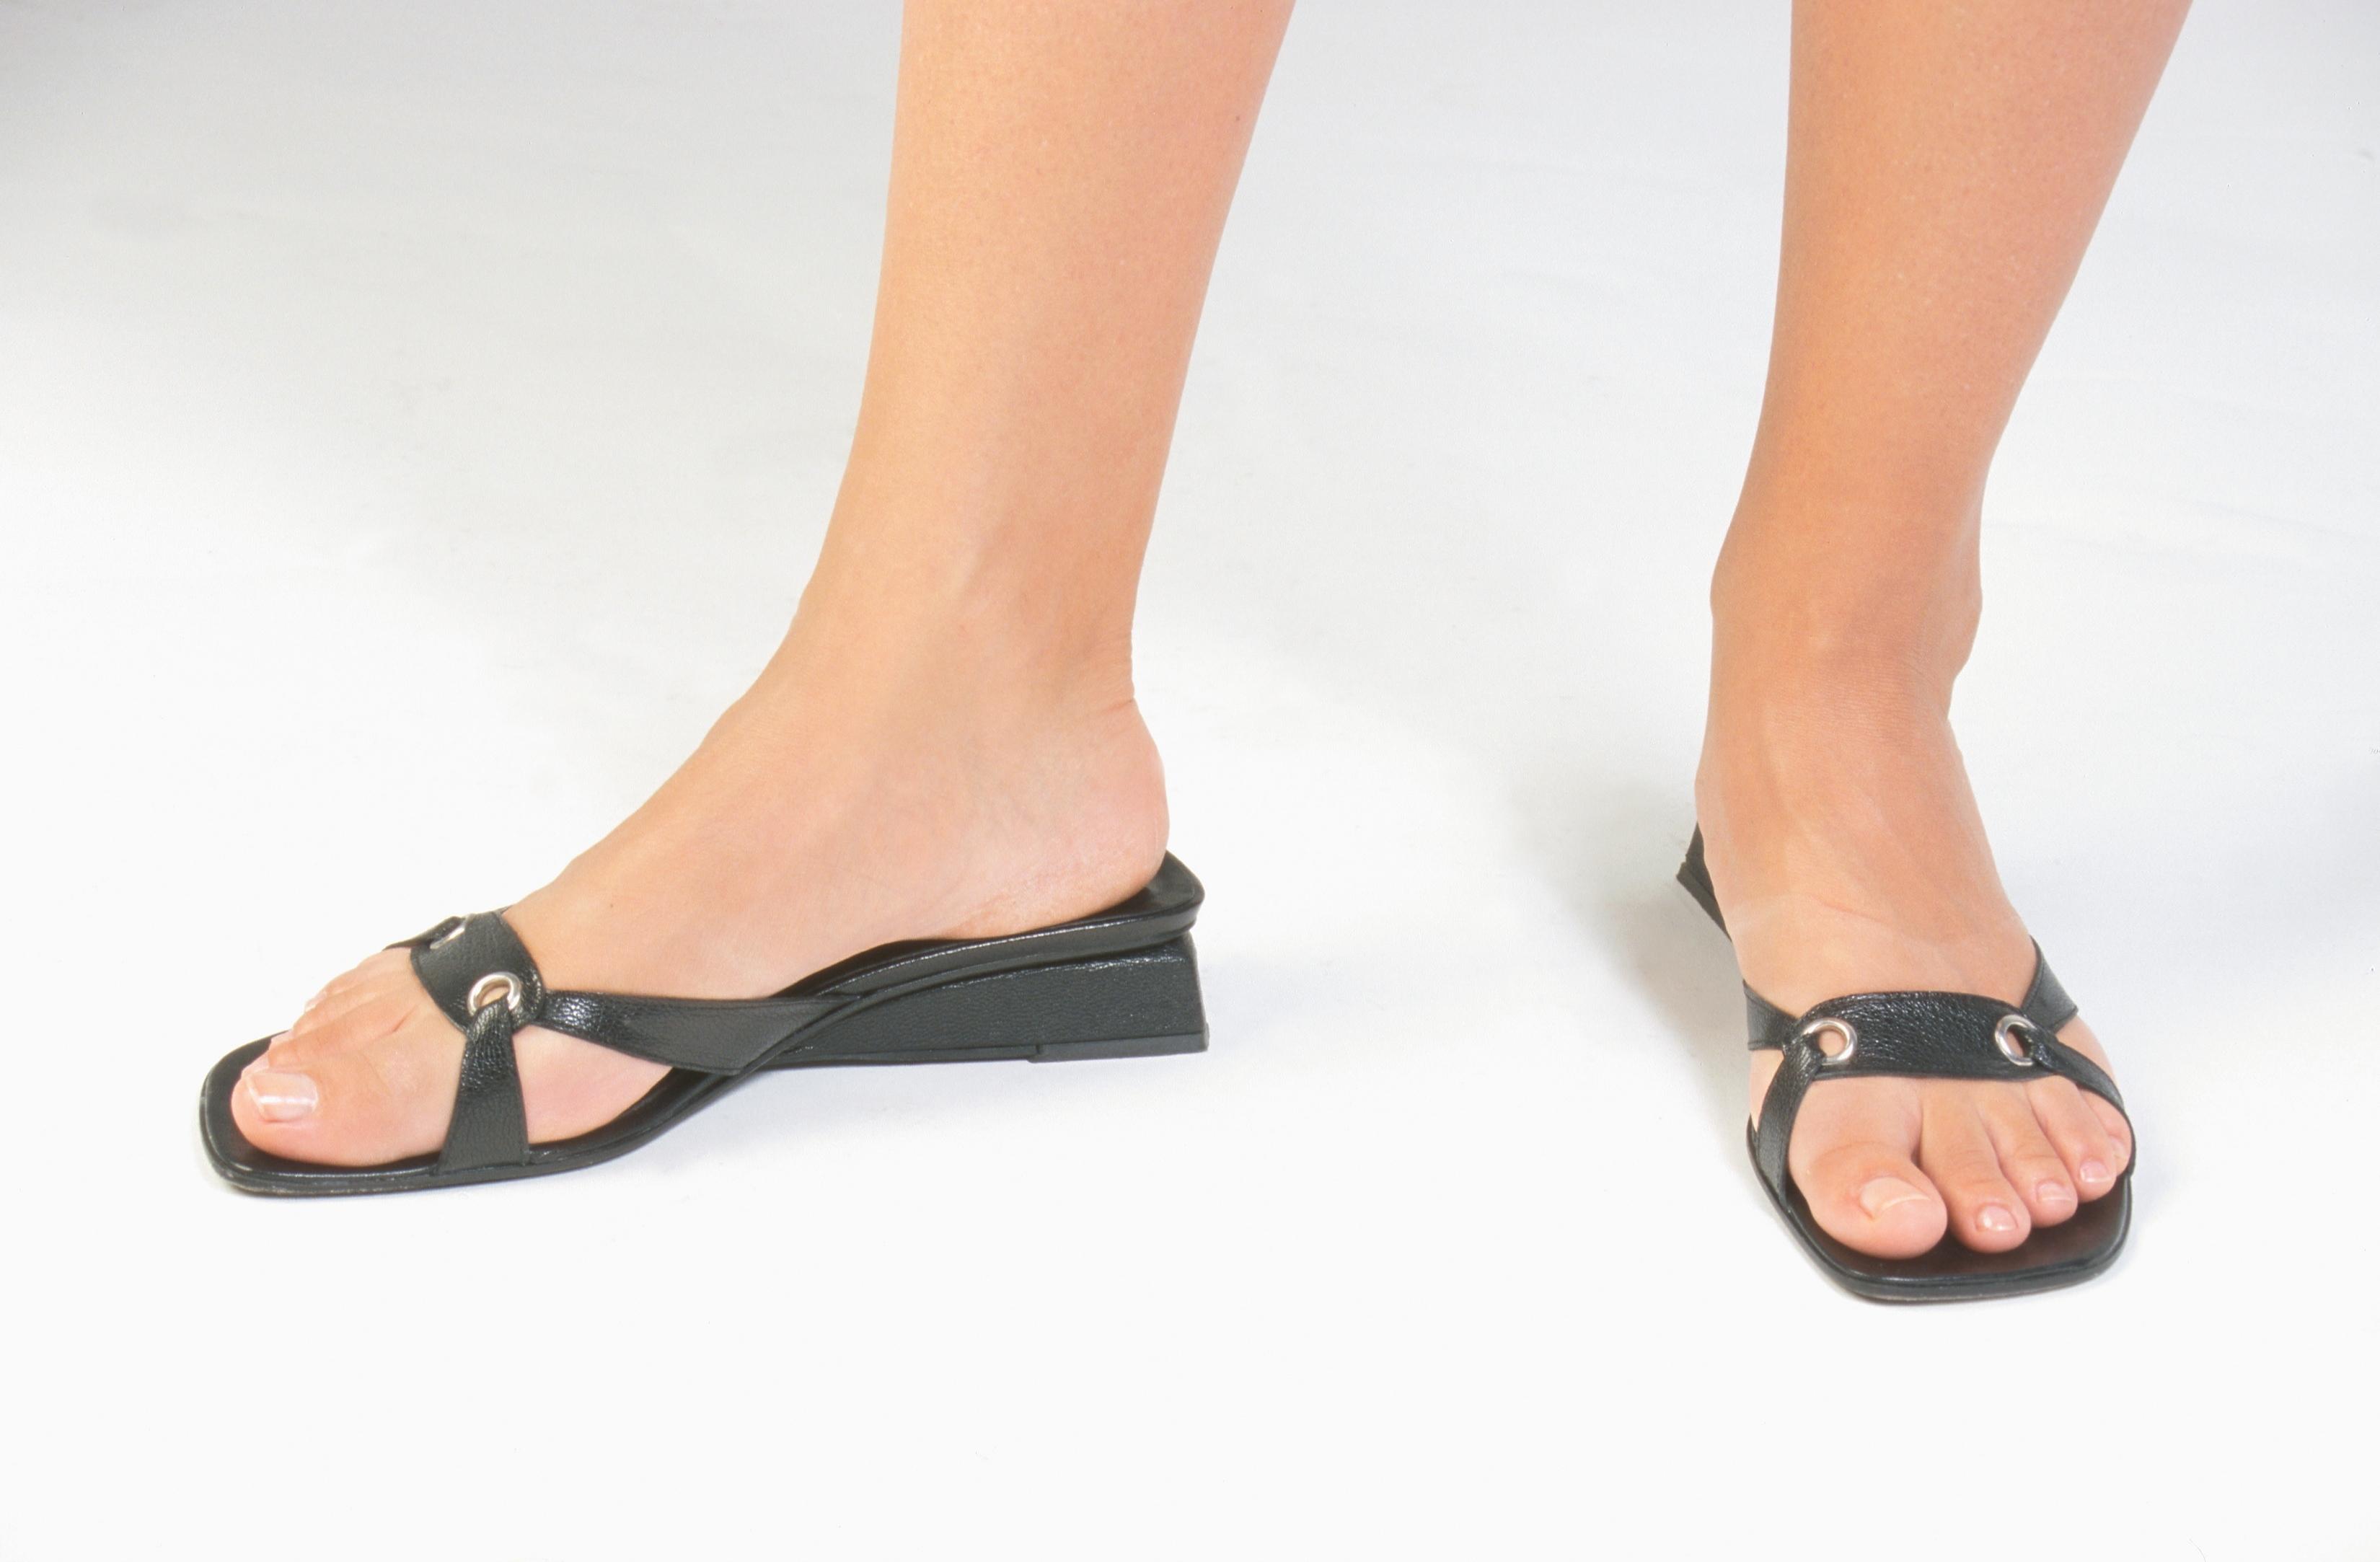 Cómo Cuero Que Sandalias Tienen Olor De Limpiar Mal tQdhsr